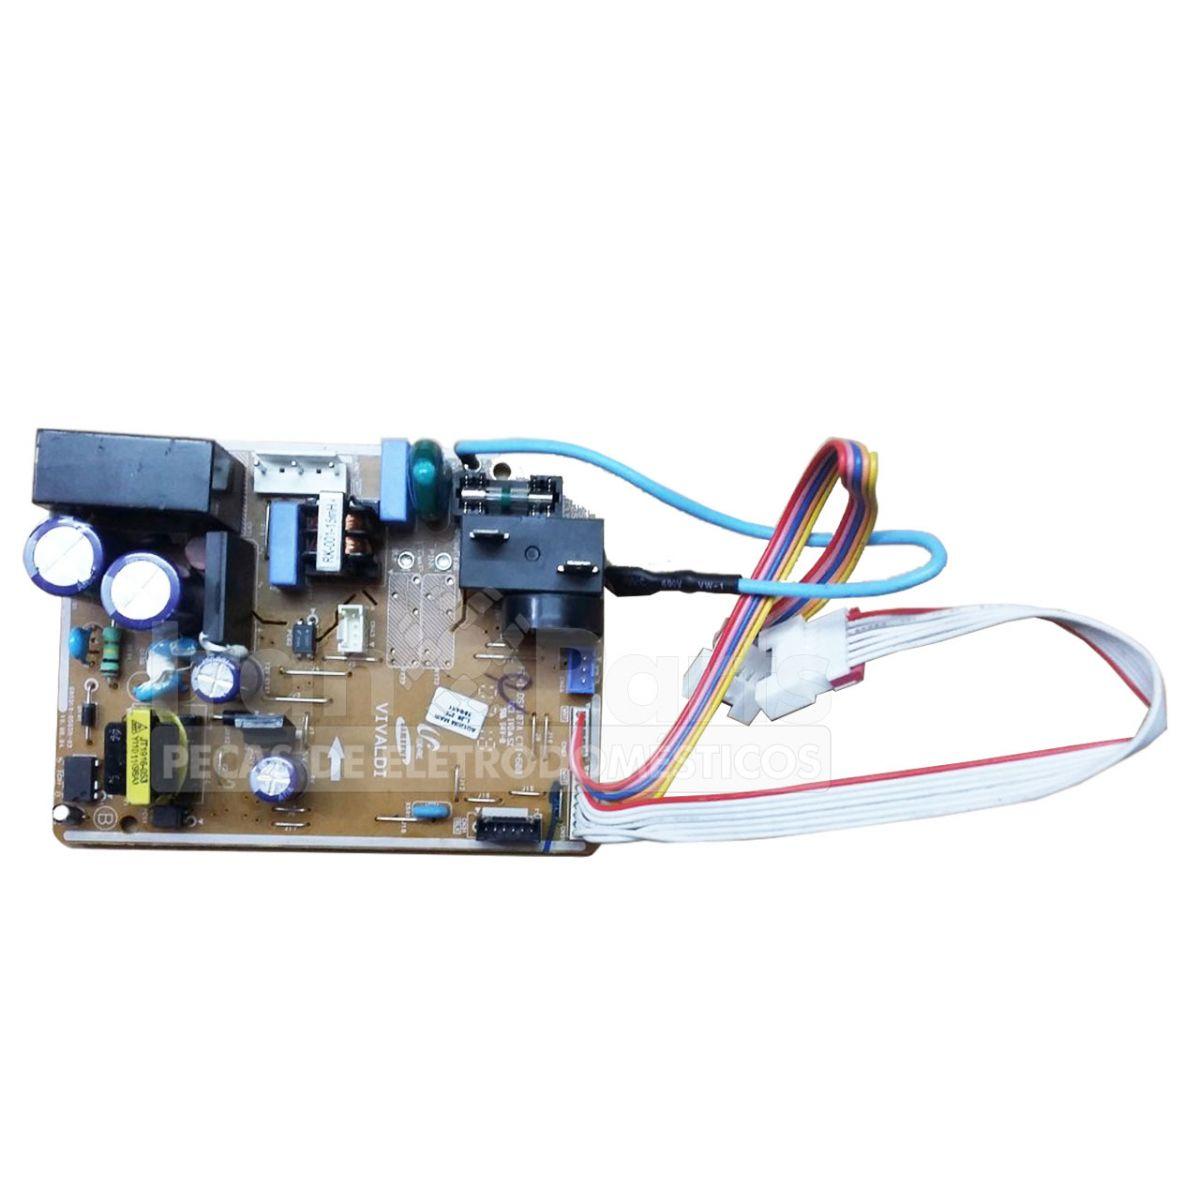 Placa Da Evaporadorora Ar Condicionado Samsung Aq12Ubanxaz